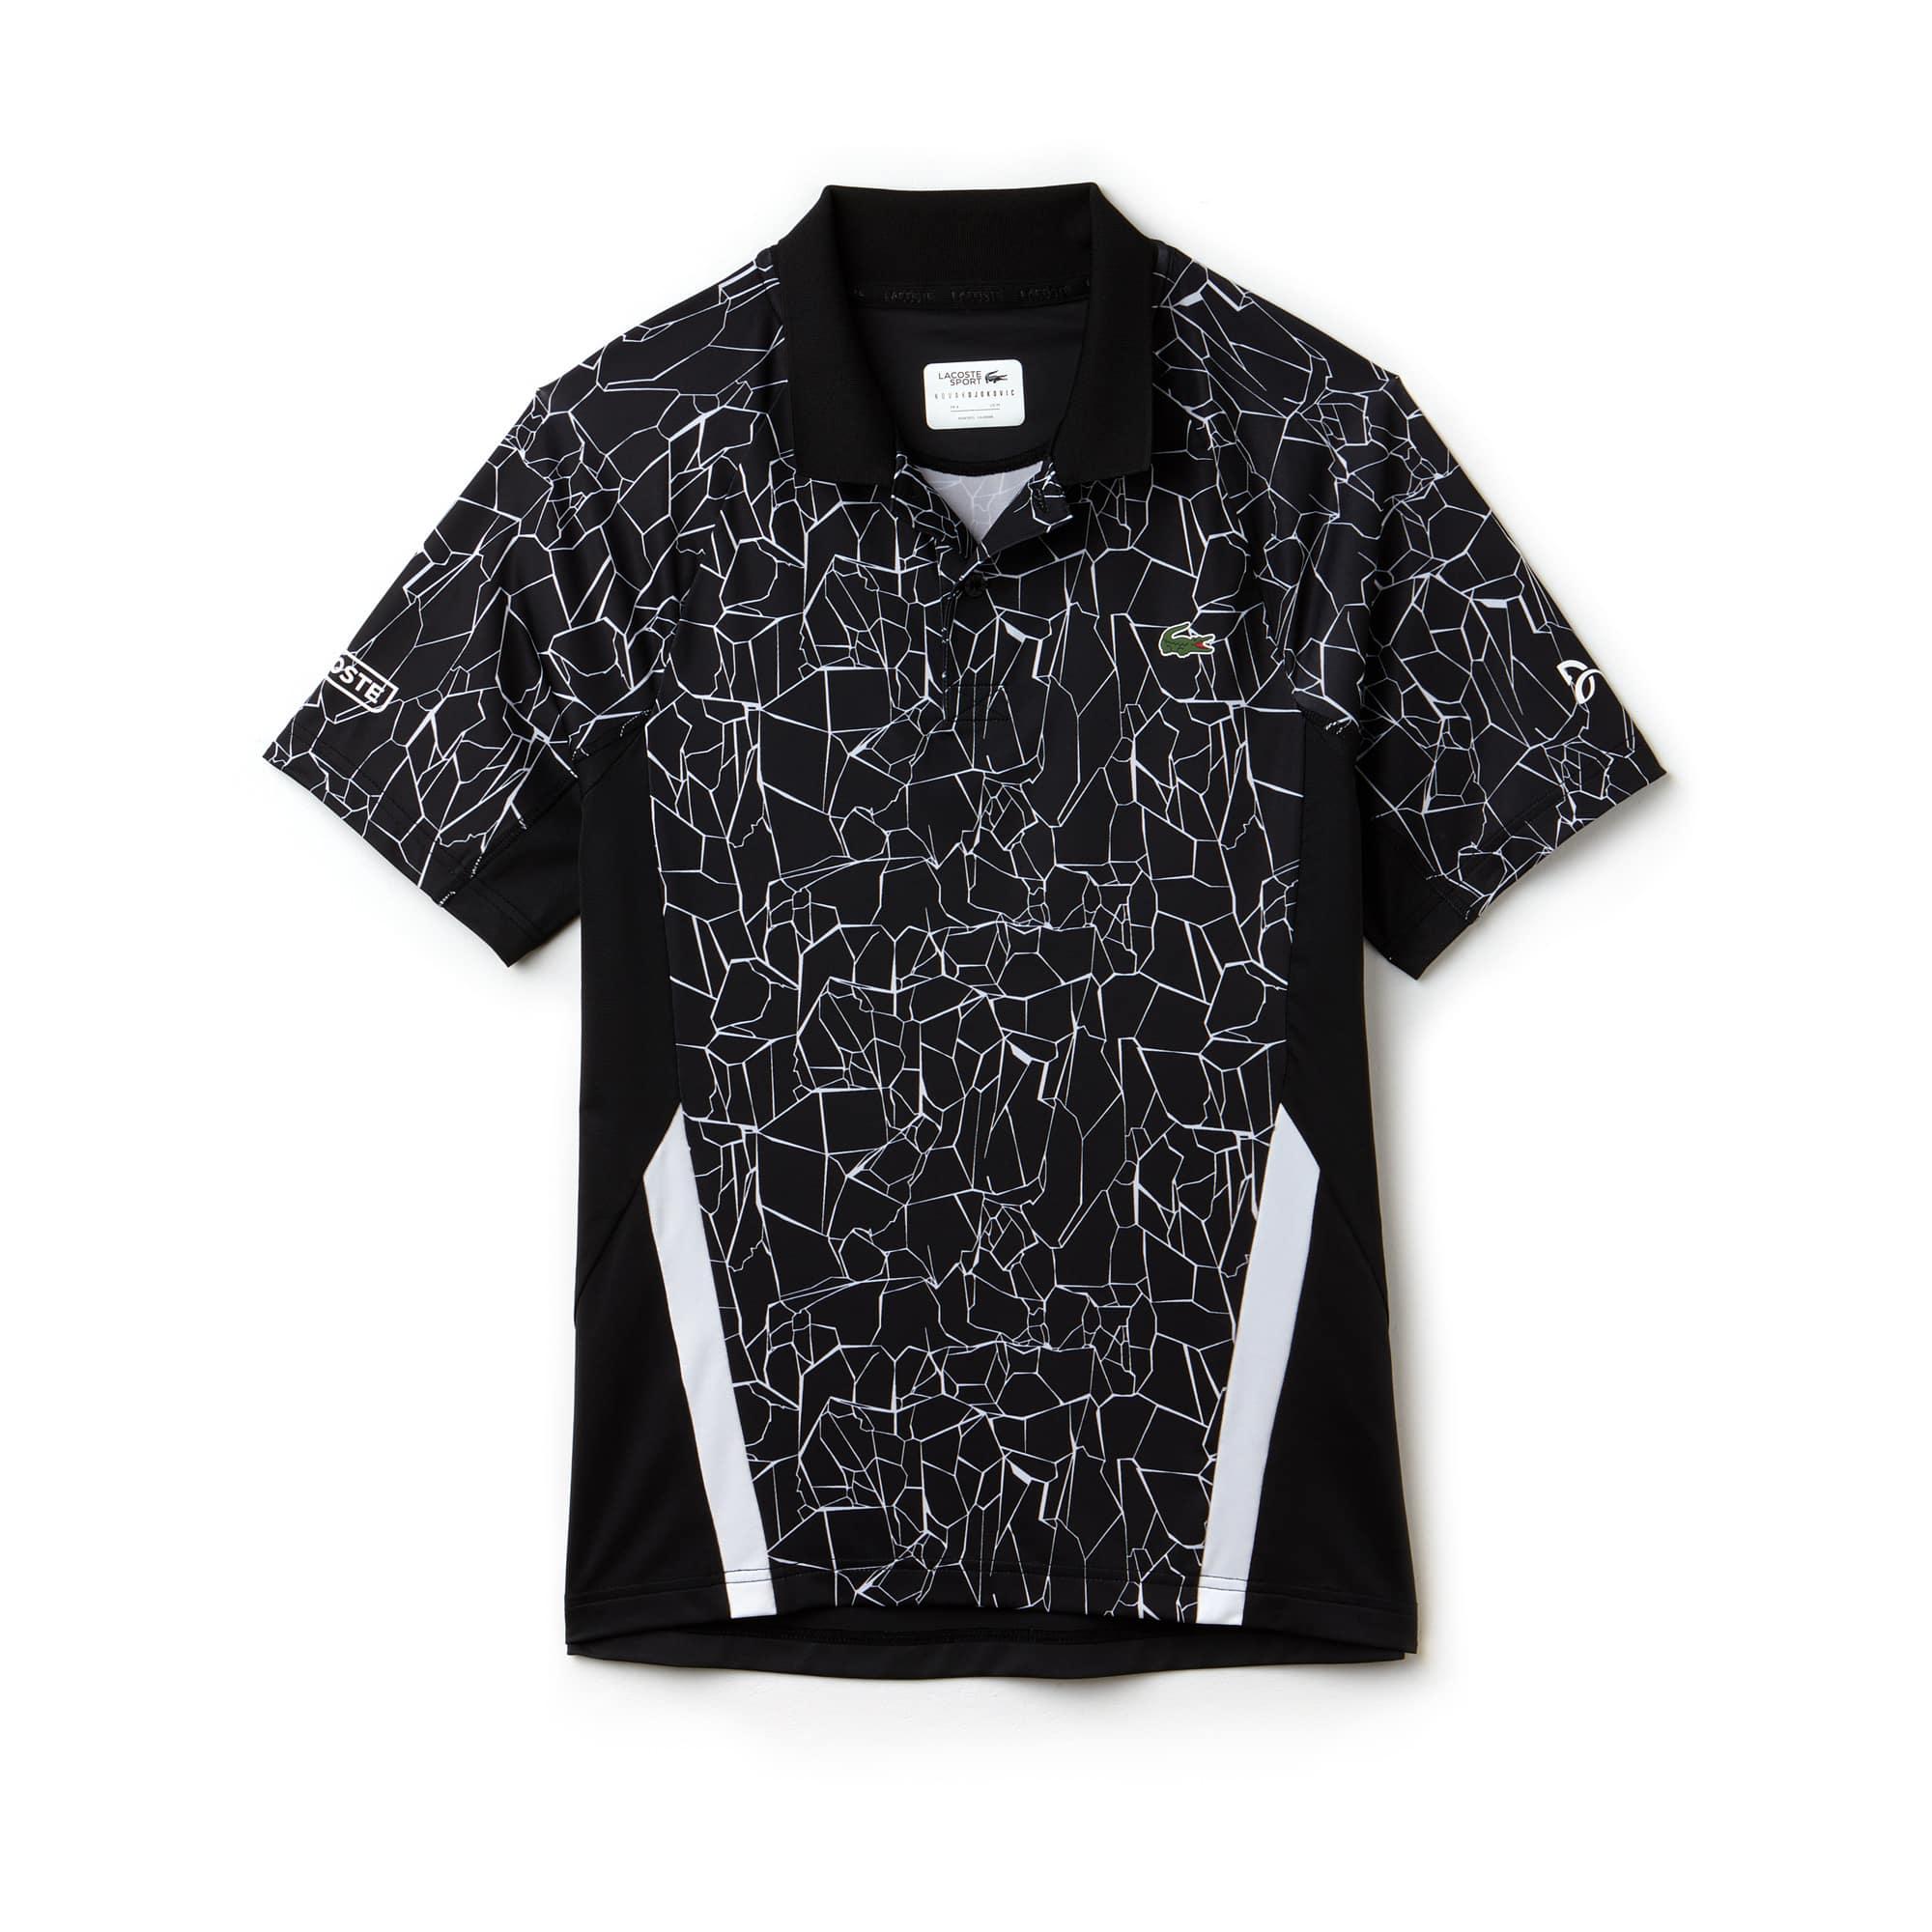 라코스테 Lacoste Mens SPORT Print Technical Jersey Polo - x Novak Djokovic On Court Premium Edition,black/white